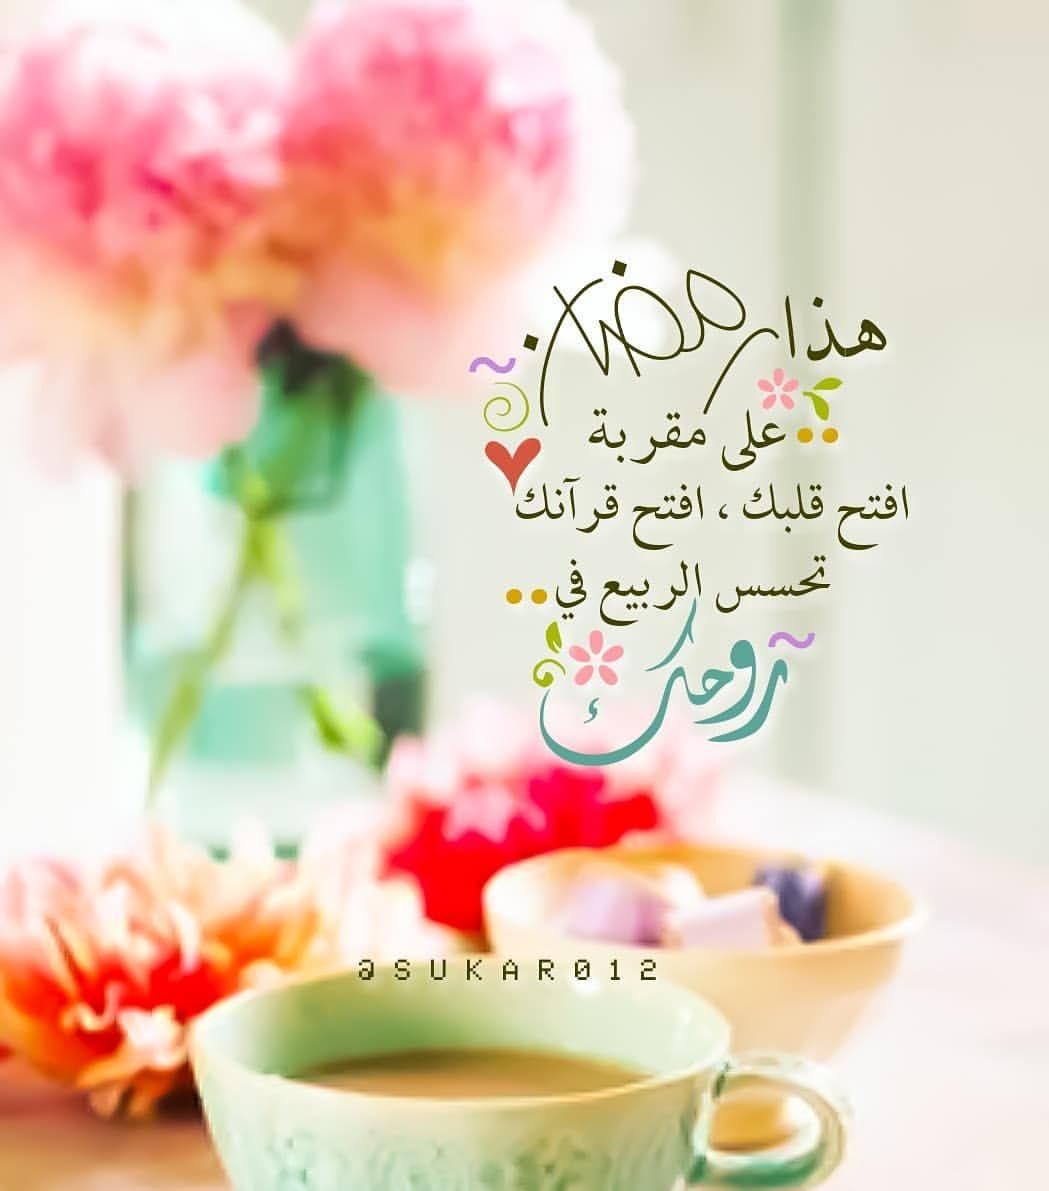 هذا رمضان على مقربة أفتح قلبك افتح قرآنك تحسس الربيع في روحك يارب بلغن ا شهر الخير تصاميمي لرمضان هنا الرجاء Ramadan Place Card Holders Cards